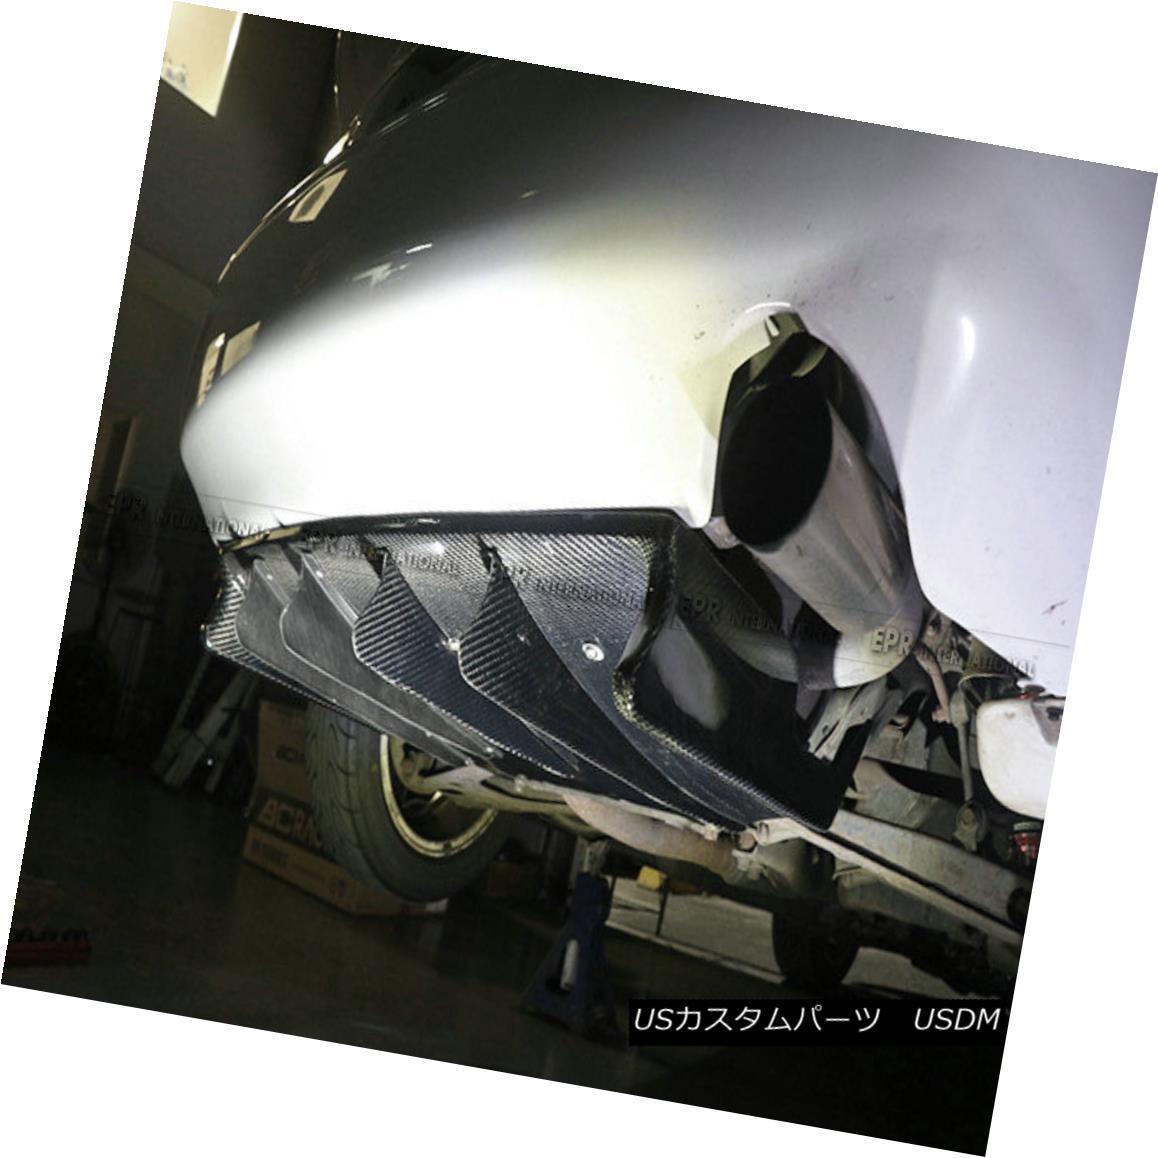 エアロパーツ Miata Rear Bumper Diffuser Lip For Mazda MX5 NA Carbon Diffuser Miata Roadster Carbon Fiber JS-Style マツダMX5用のリアバンパーディフューザーリップMiataロードスターカーボンファイバーJSスタイル, イトマンシ:8d715149 --- officewill.xsrv.jp